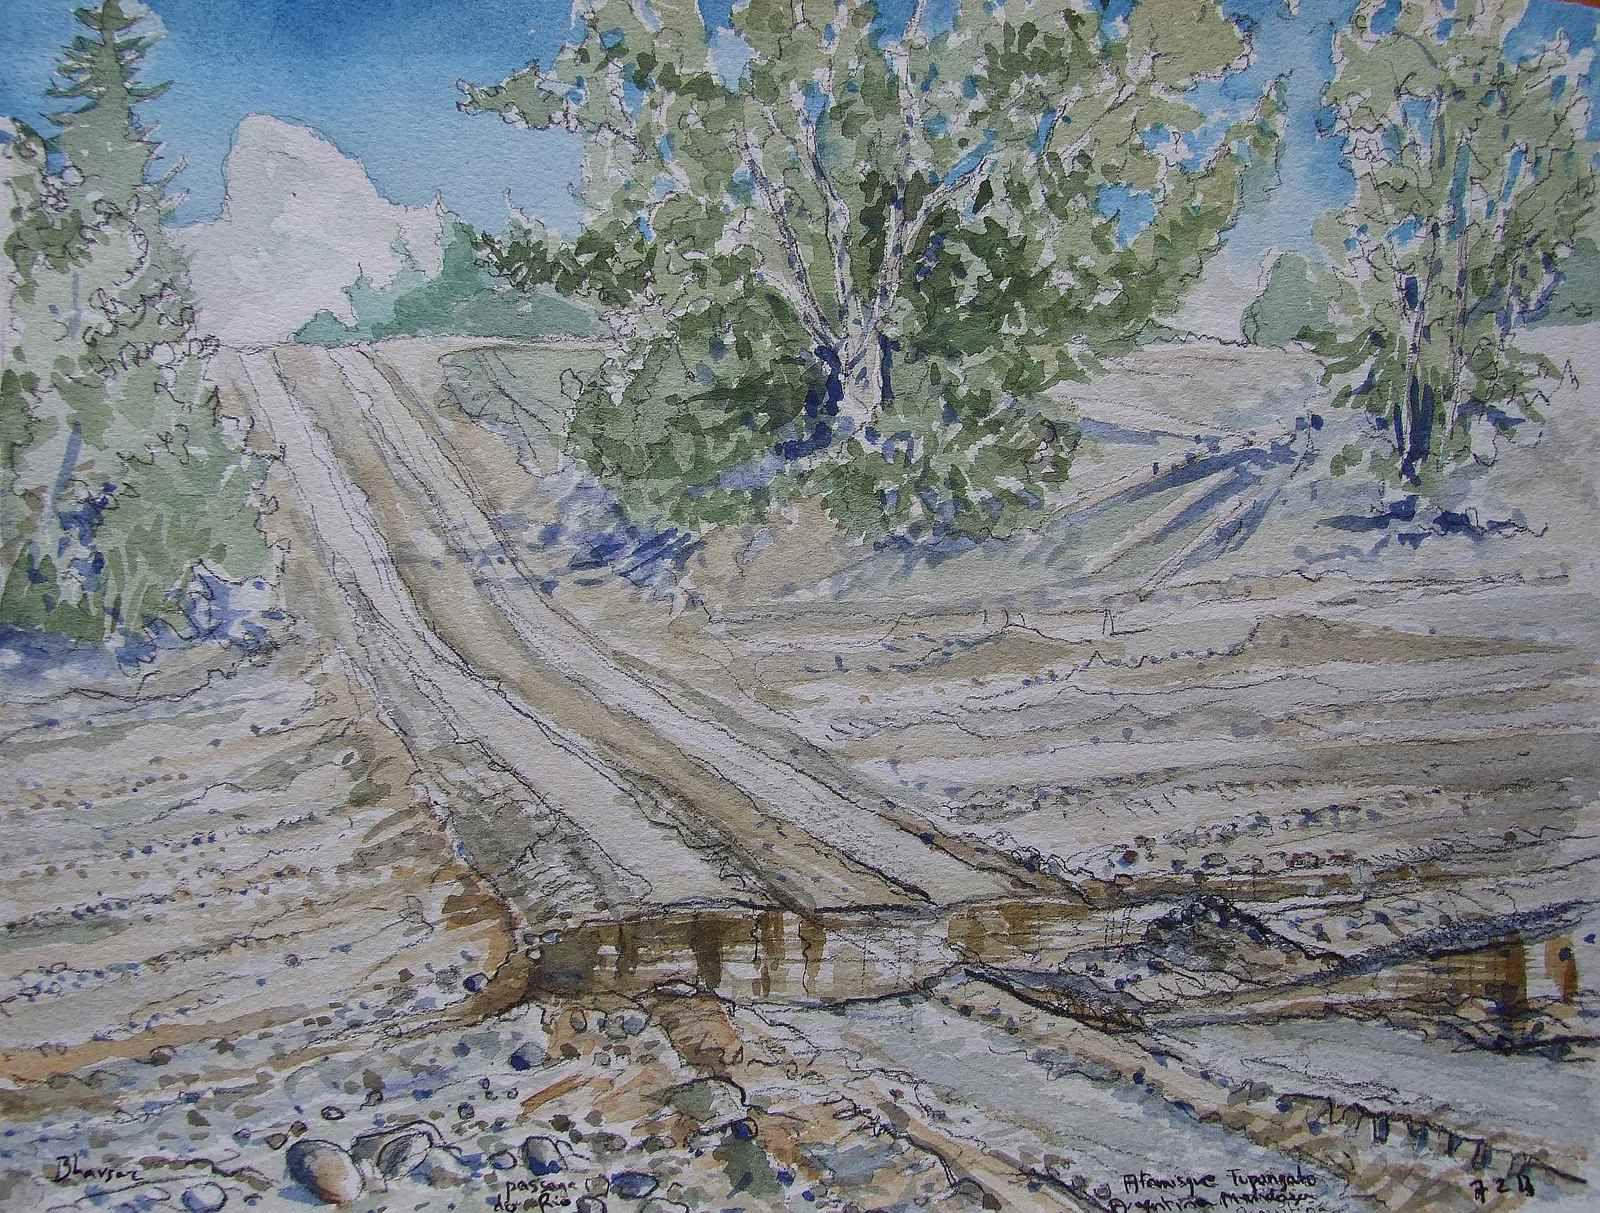 C'est un très grand tableau de la Cordillère des Andes (1,50x14m) que j'ai peint en Argentine. J'ai passé successivement les mois de mai 2009, janvier 2010, février 2011 et février 2013 dans la magnifique finca de John et Chantal (Atamisque, Tupungato, valle de Uco, Mendoza)  pour peindre le vaste panorama des Andes. Je n'ai eu de cesse de peindre et dessiner, tellement ces moments ont été exceptionnels pour mon travail de peintre..